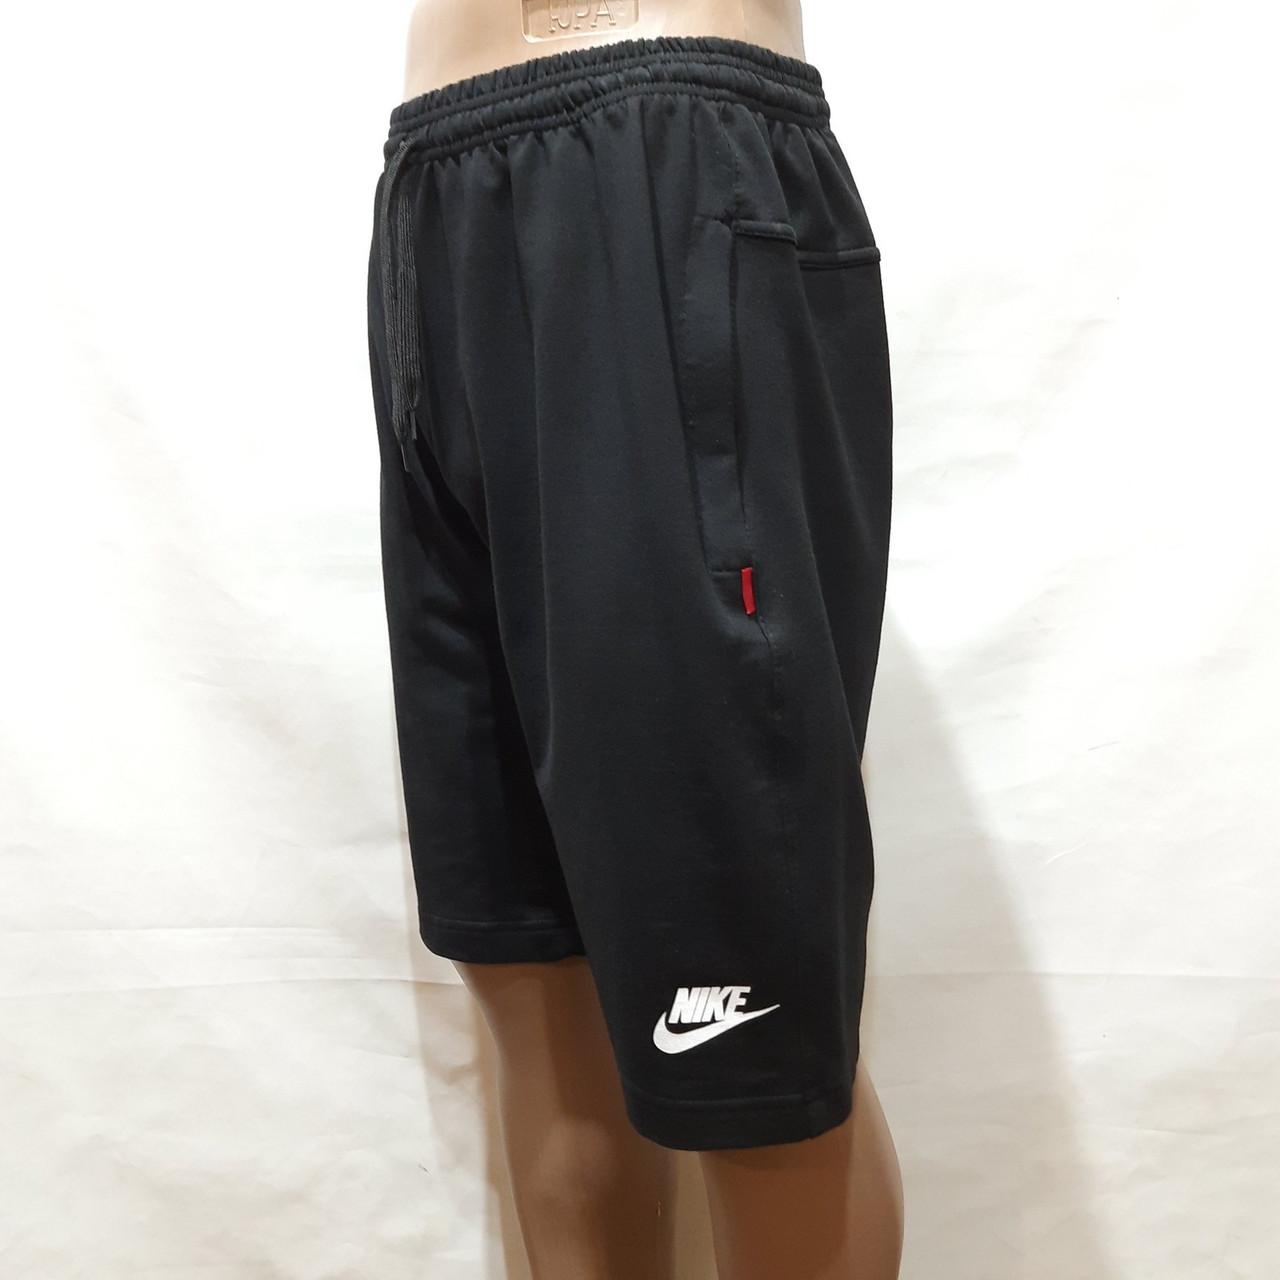 Літні чоловічі шорти Nike Найк (репліка) трикотажні на резинці Чорні